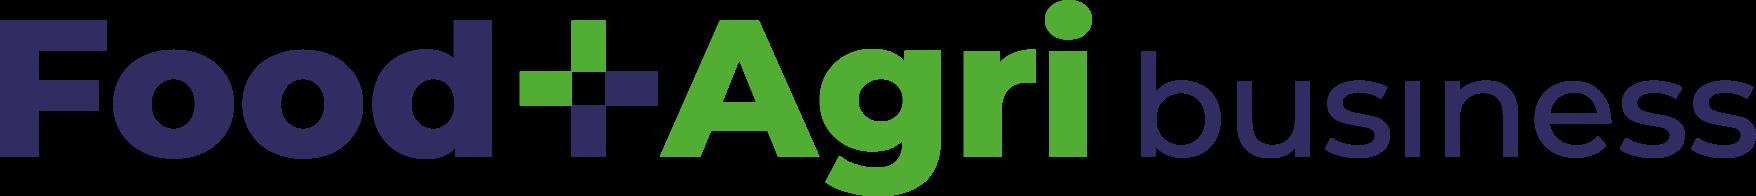 Food & Agribusiness